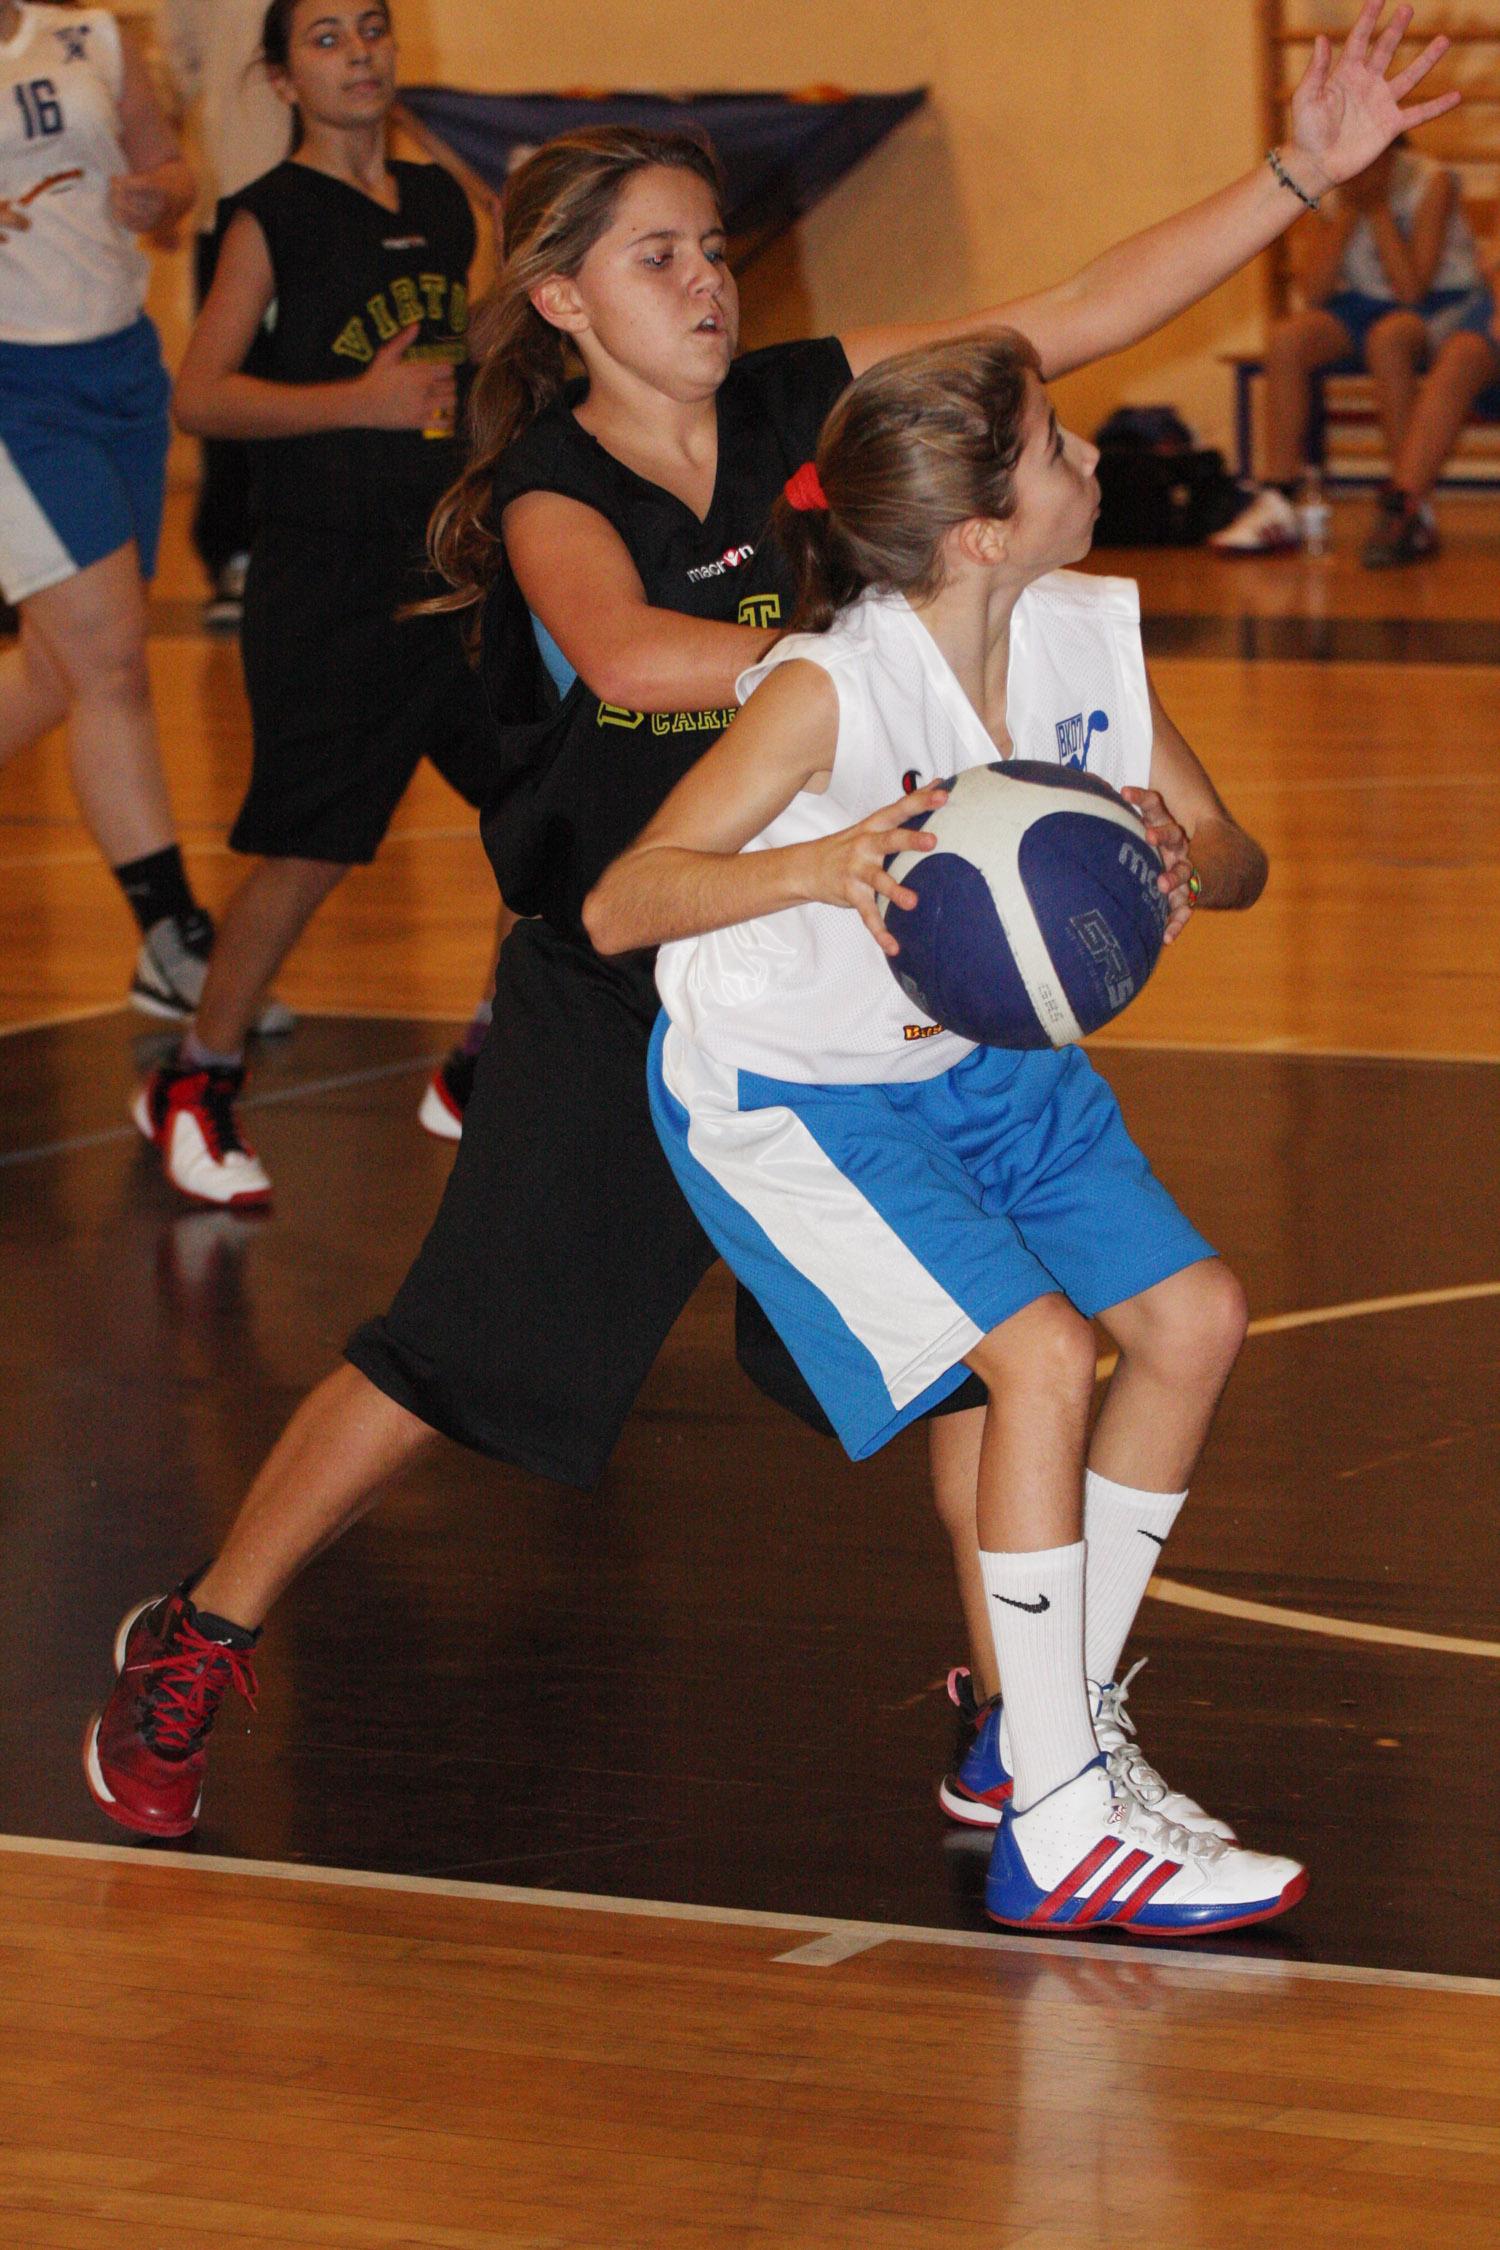 U13 - Baskettiamo Vittuone vs Carroccio Legnano 00010.jpg